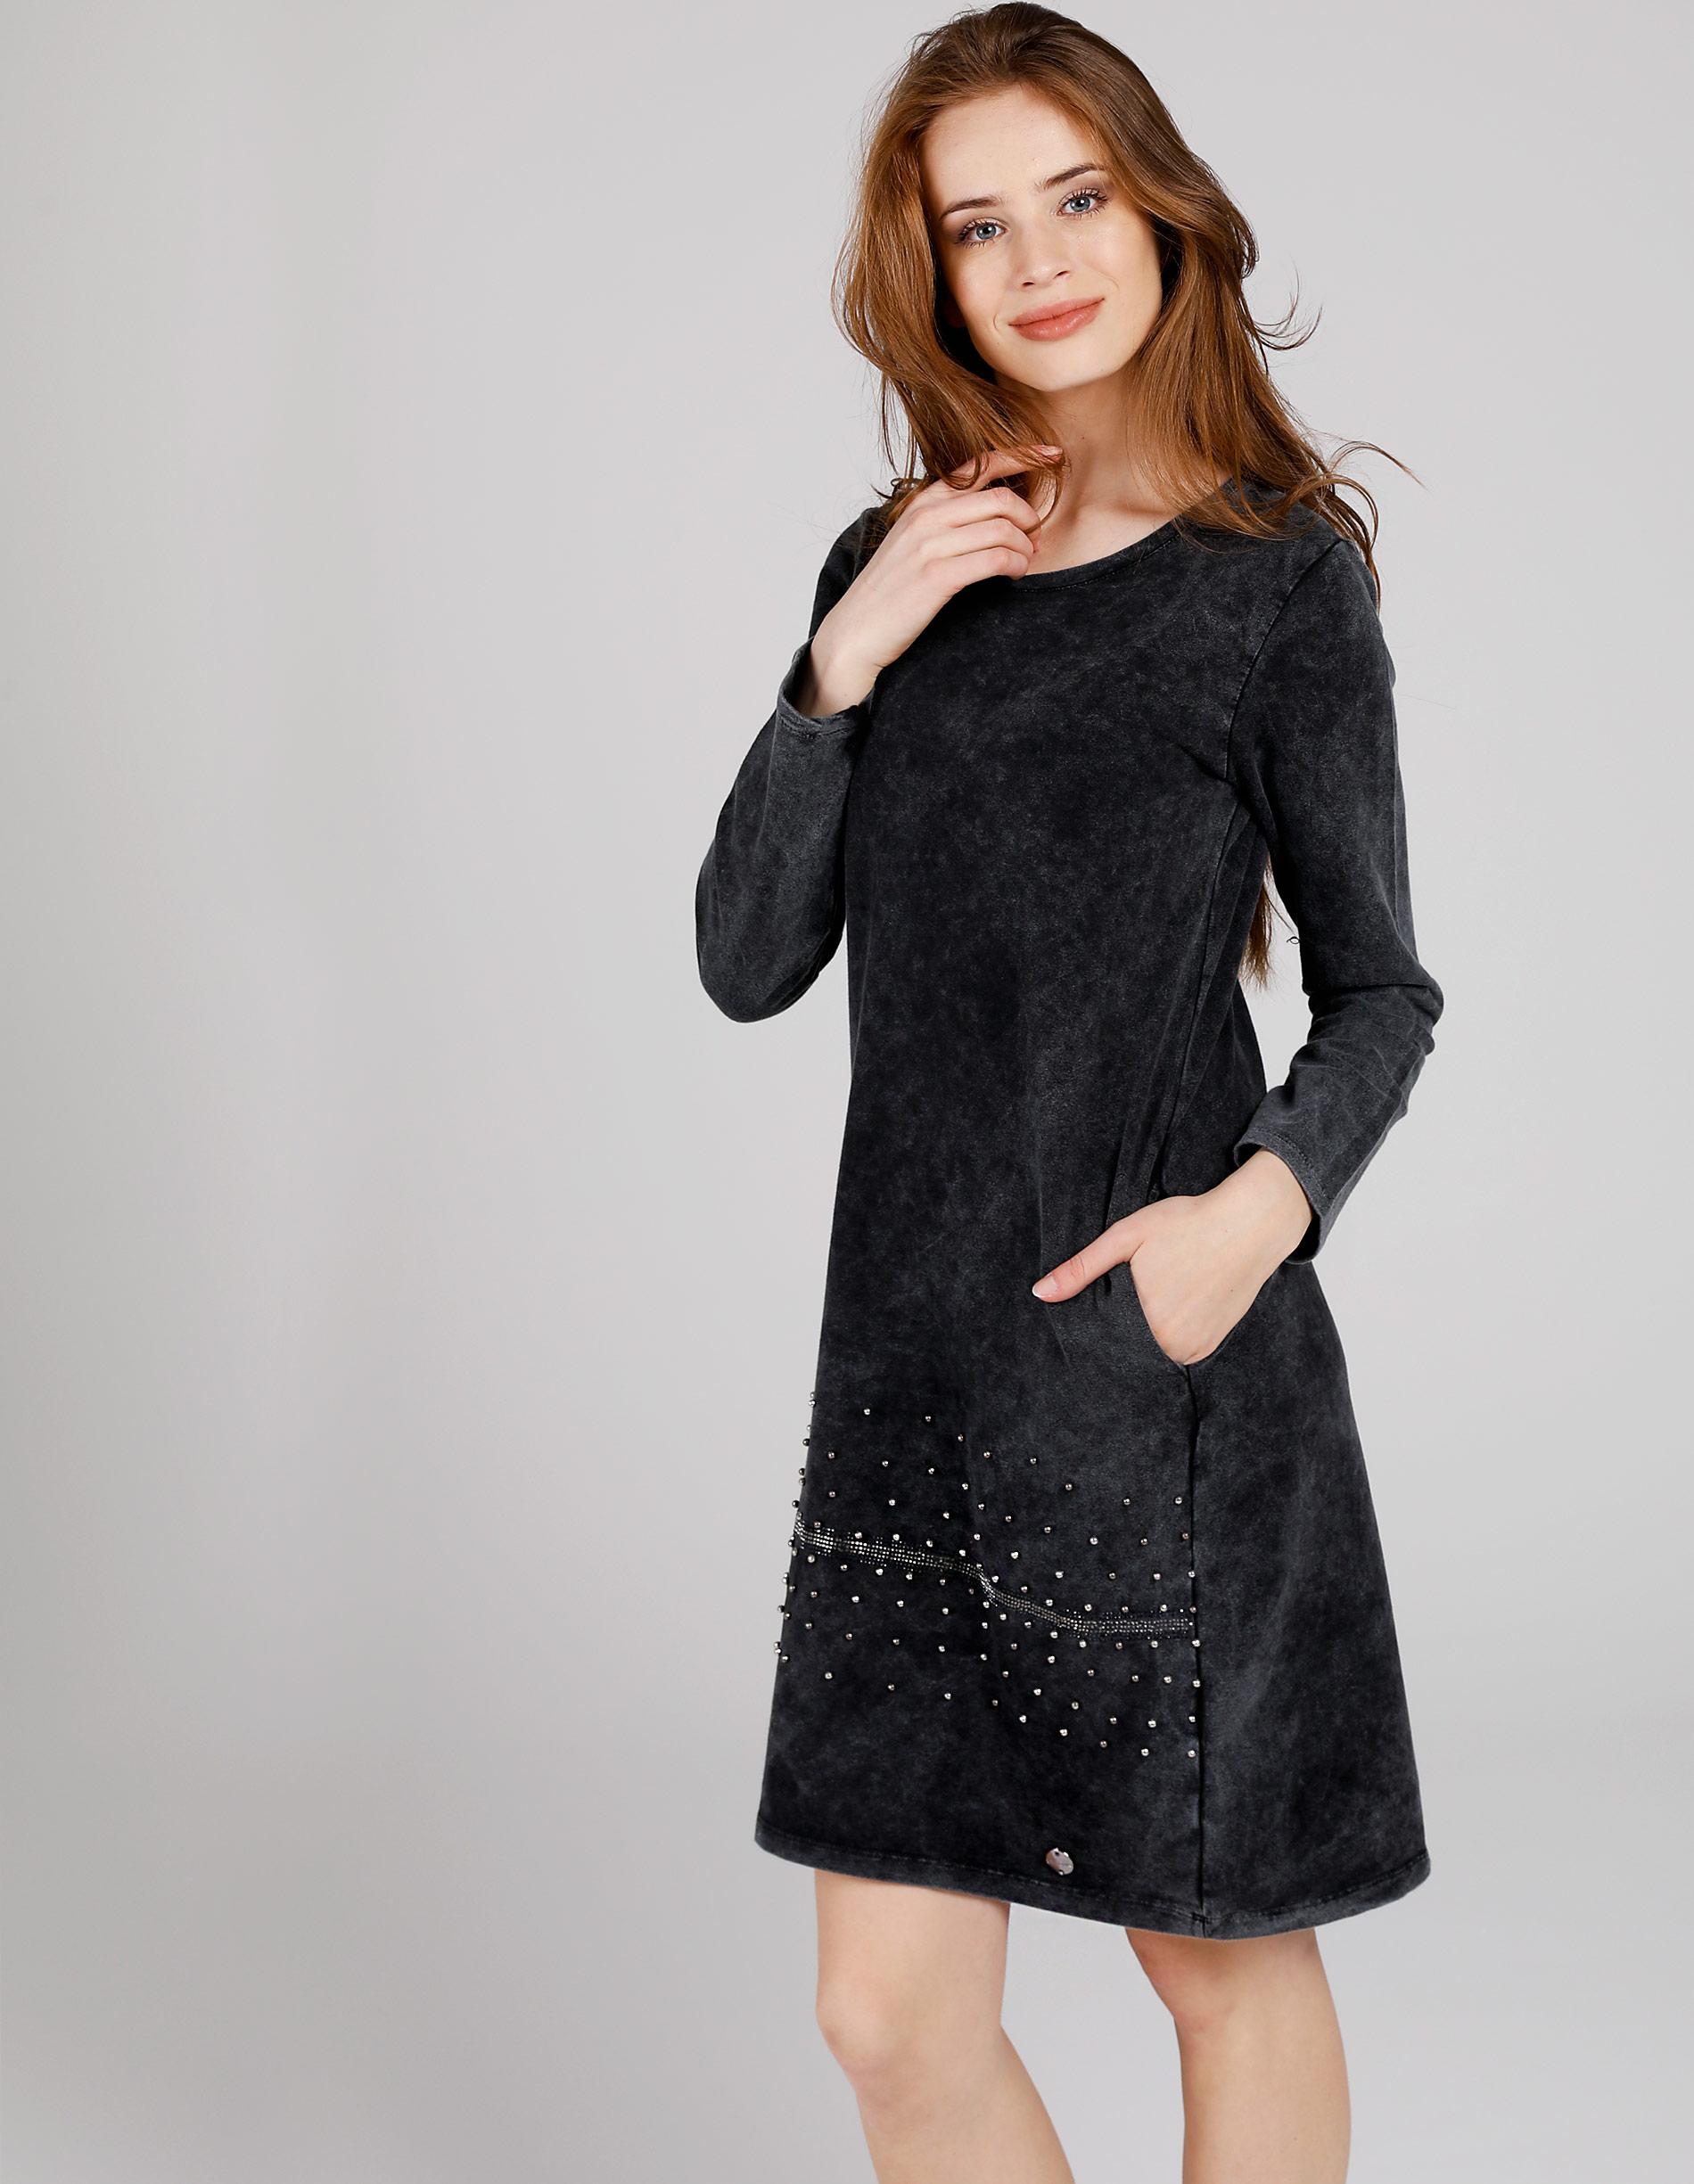 Sukienka - 4-8847 BLACK - Unisono